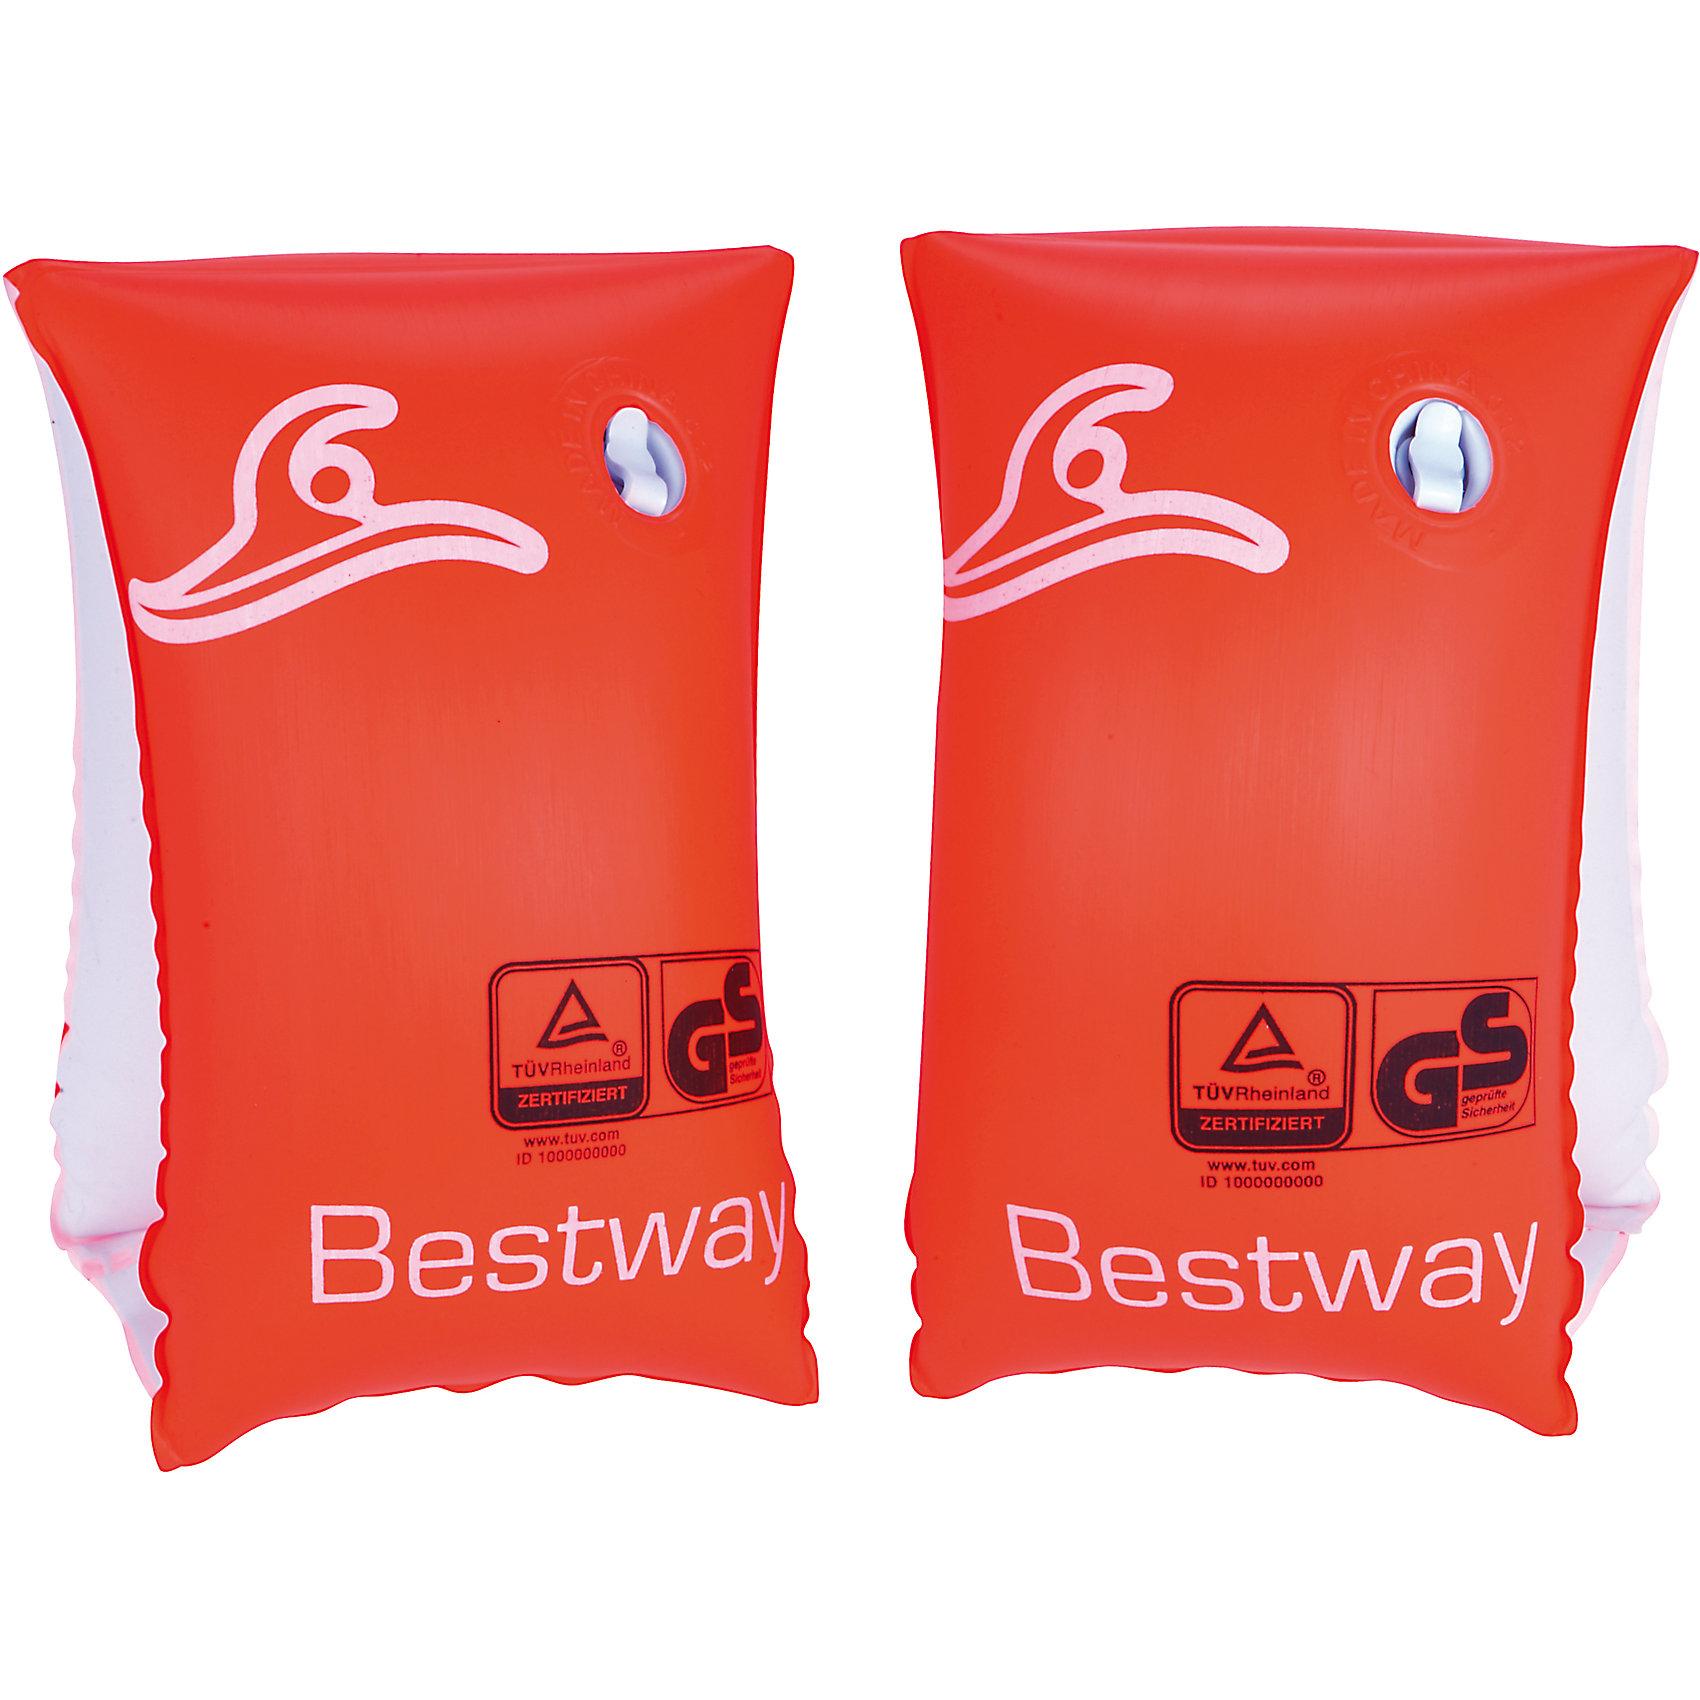 Нарукавники для плавания Safe-2-Swim, BestwayКруги и нарукавники<br>Характеристики товара:<br><br>• материал: полимер<br>• цвет: красный<br>• размер: 25х15 см<br>• легкий материал<br>• для начинающих плавать<br>• надувные<br>• яркие цвета<br>• хорошо заметны на воде<br>• возраст: от 1 до 3 лет<br>• страна бренда: США, Китай<br>• страна производства: Китай<br><br>Это отличный способ научить малышей плавать и обеспечить детям веселое времяпровождение! Нарукавники помогут ребенку больше двигаться и поддерживать хорошую физическую форму.<br><br>Предметы сделаны из прочного материала, но очень легкого - они отлично держатся на воде. Предметы легкие, их удобно брать с собой. Изделия произведены из качественных и безопасных для детей материалов.<br><br>Нарукавники для плавания Safe-2-Swim, от бренда Bestway (Бествей) можно купить в нашем интернет-магазине.<br><br>Ширина мм: 120<br>Глубина мм: 195<br>Высота мм: 300<br>Вес г: 143<br>Возраст от месяцев: 12<br>Возраст до месяцев: 36<br>Пол: Унисекс<br>Возраст: Детский<br>SKU: 4632811